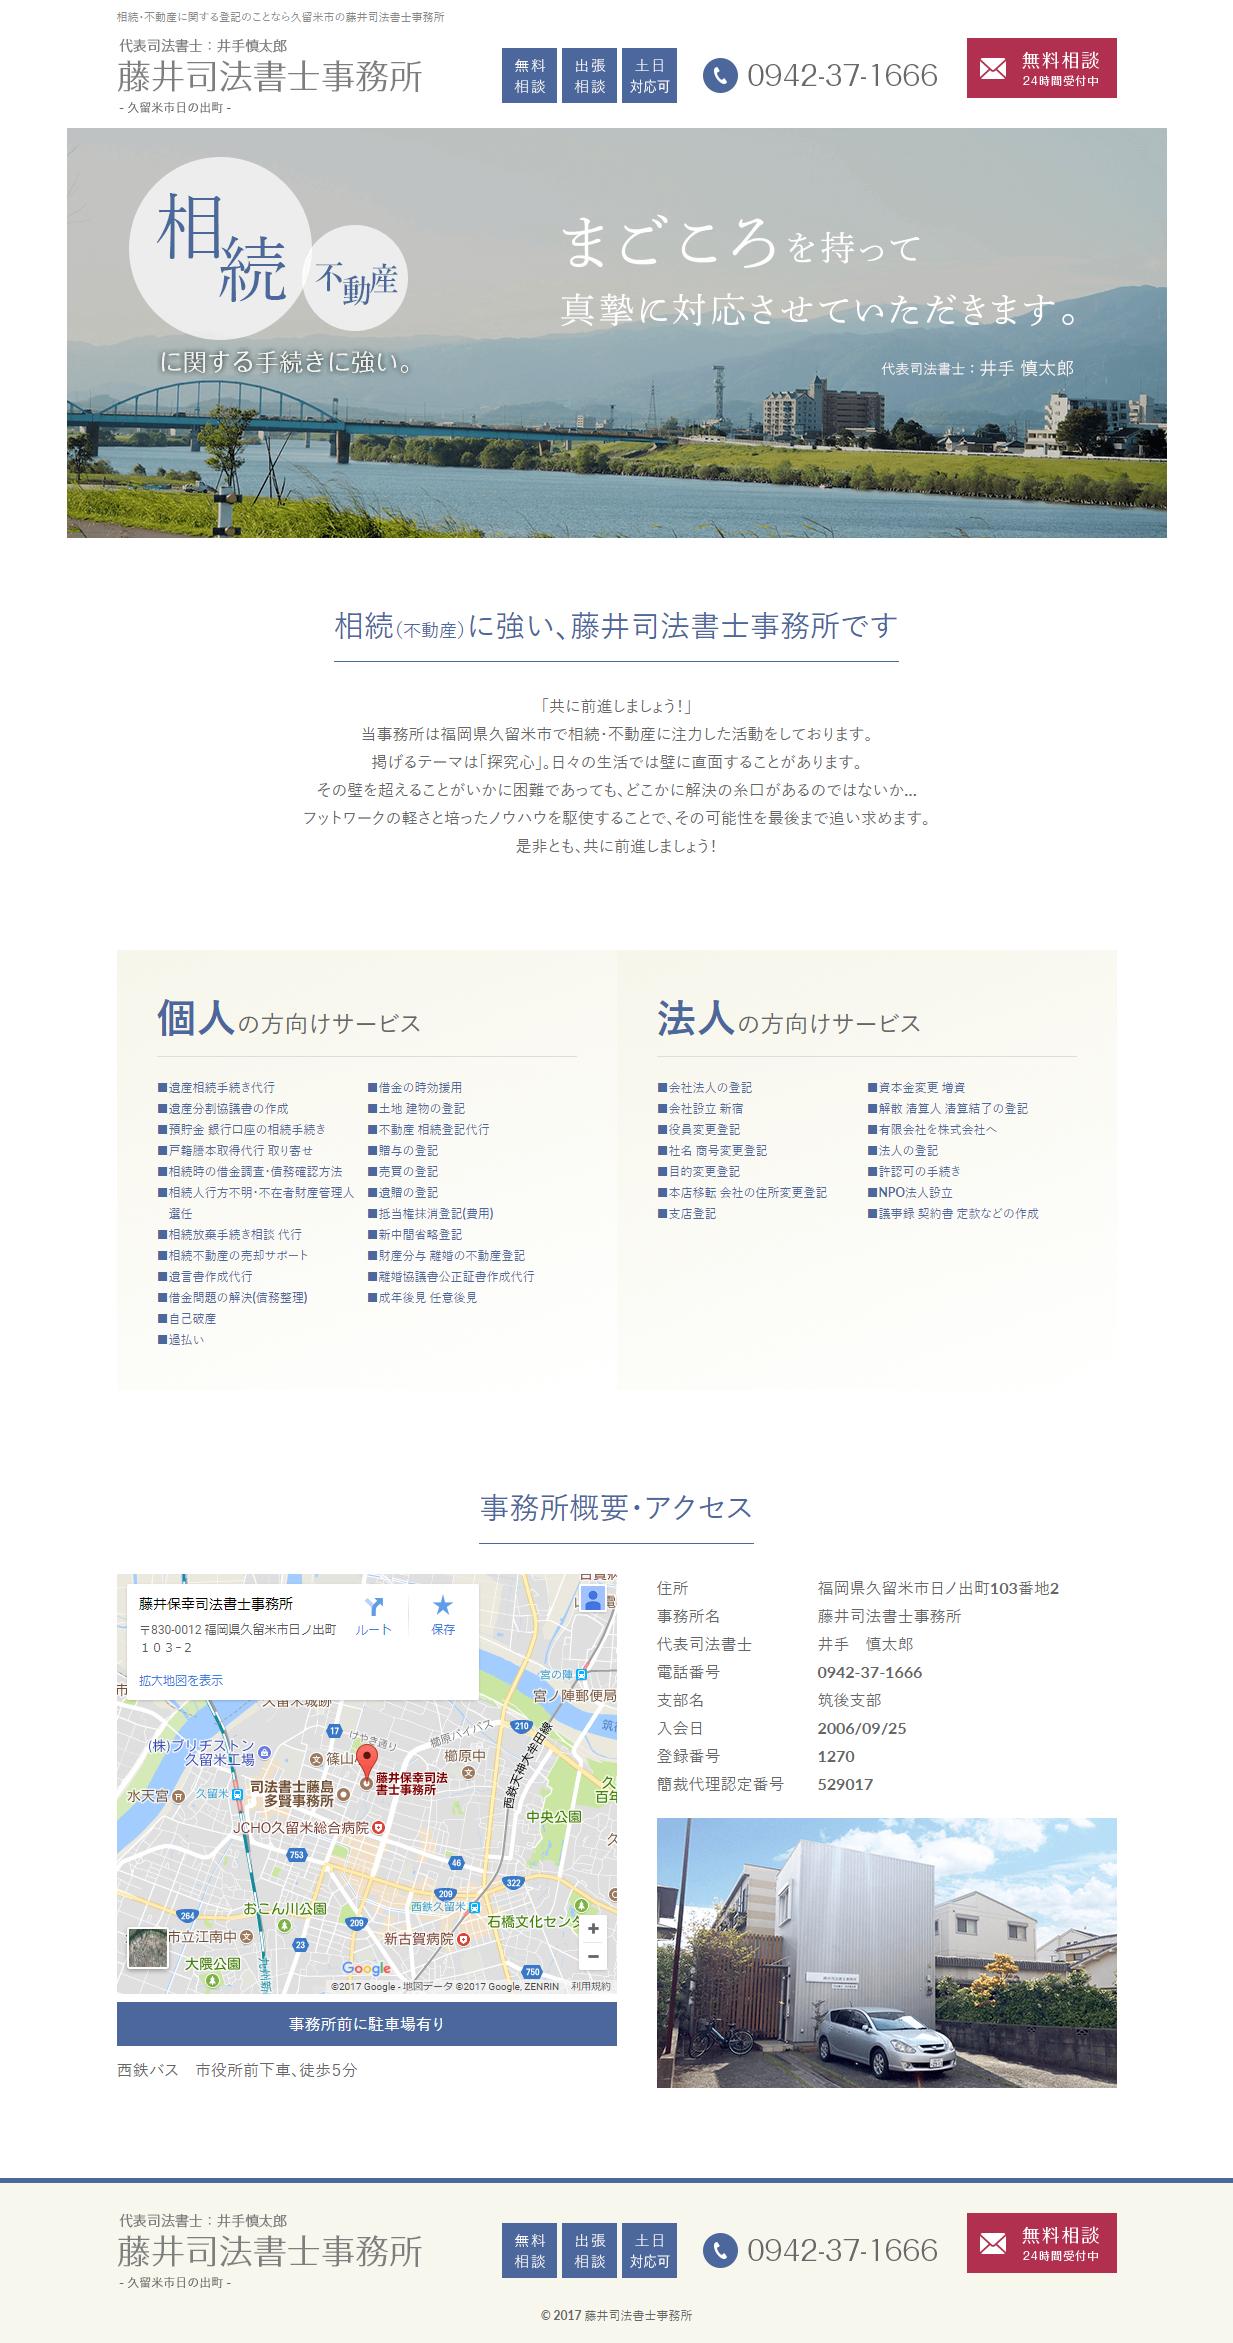 藤井司法書士事務所様 プレサイト制作実績